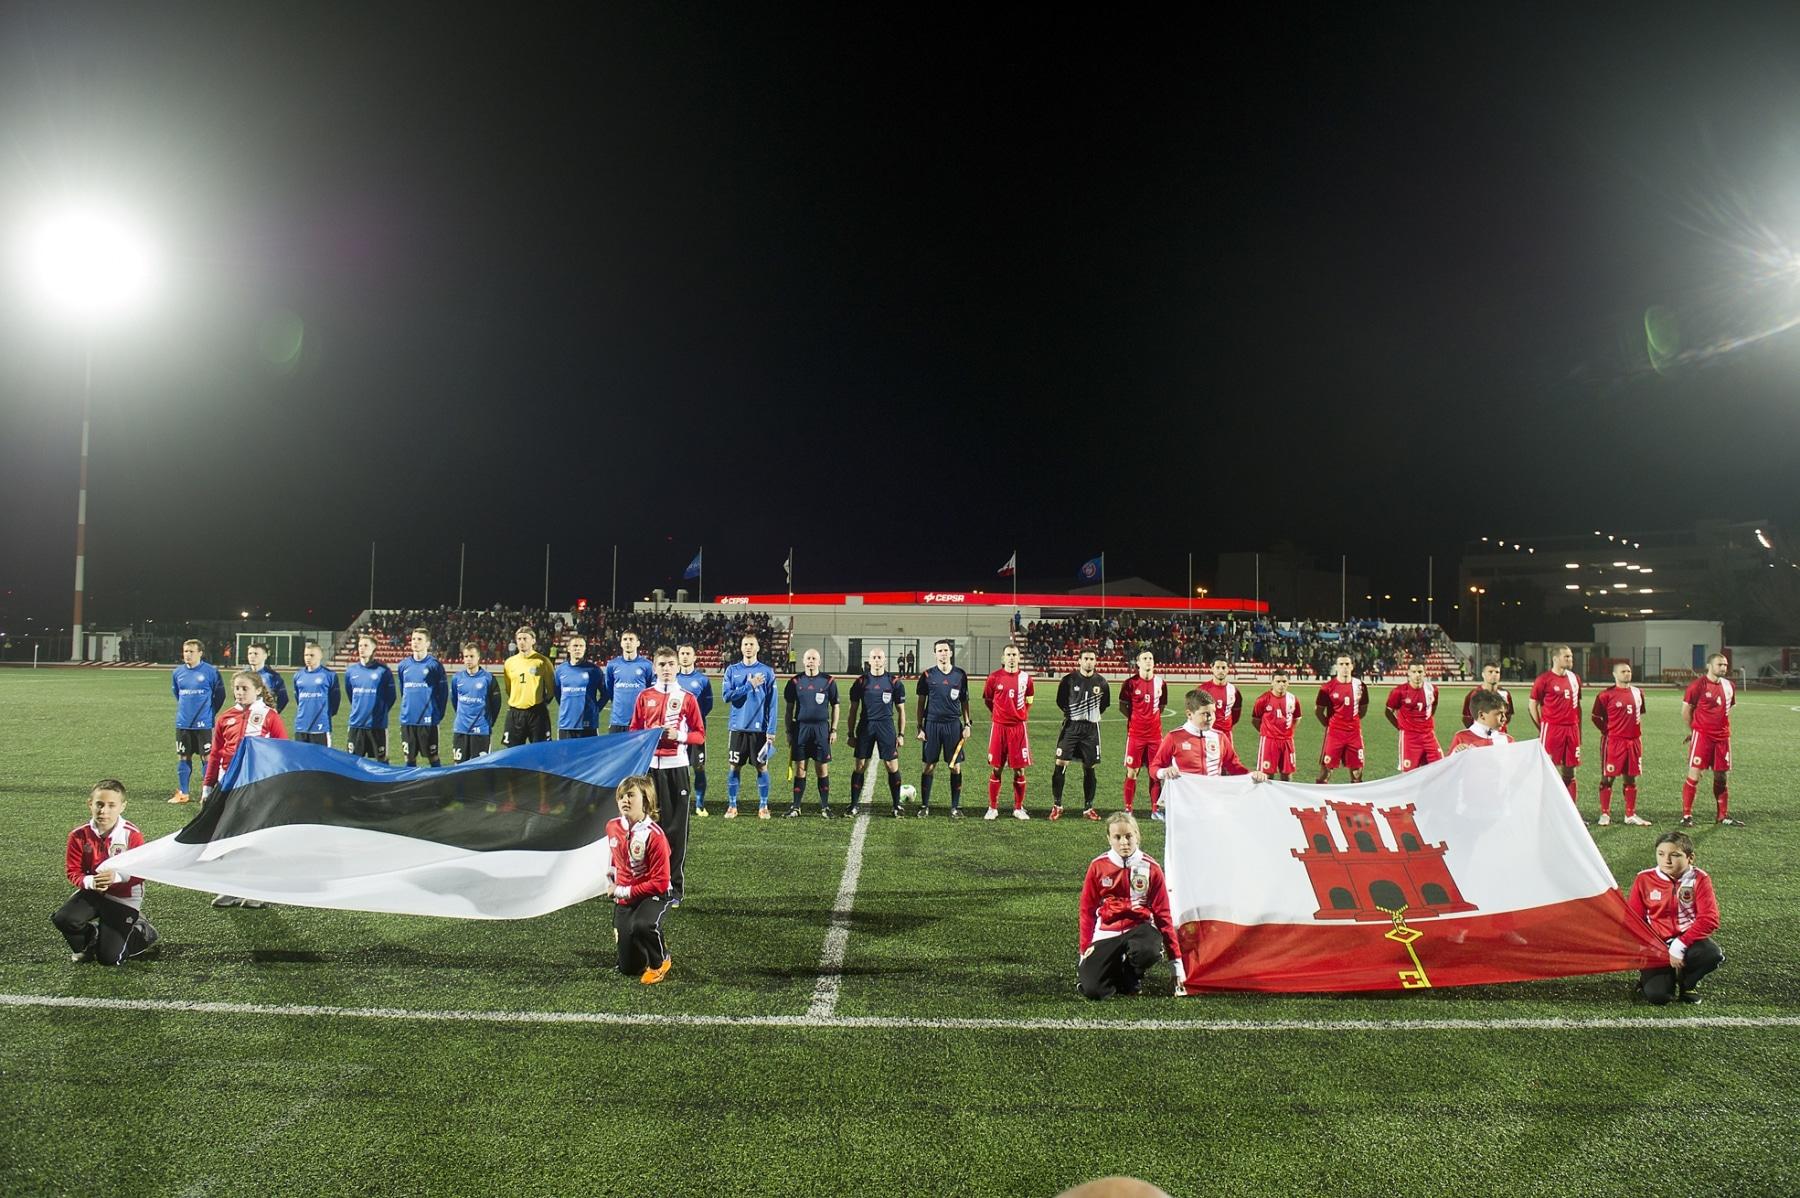 gibraltar-estonia-marzo-2014-2_12956397774_o